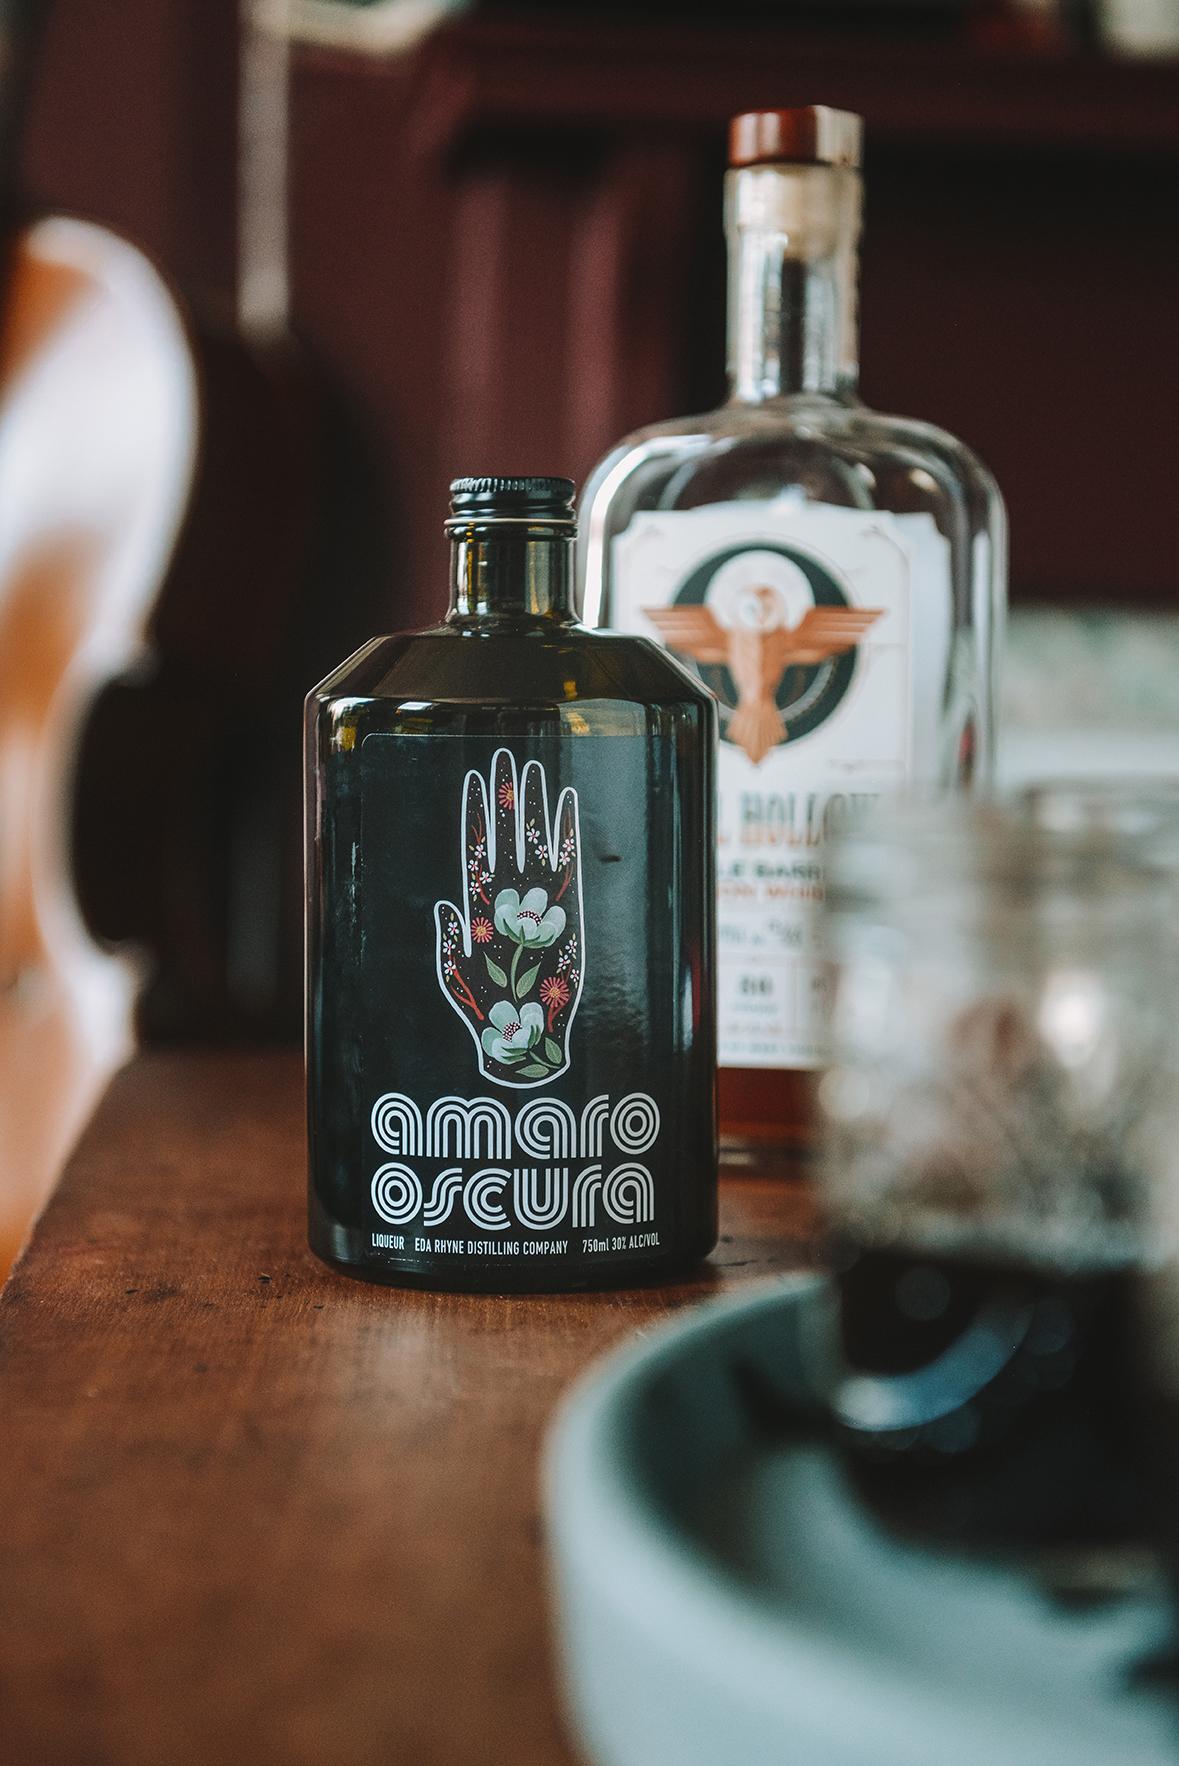 Appalachian Amaro from Eda Rhyne Distilling Co. // www.WithTheGrains.com